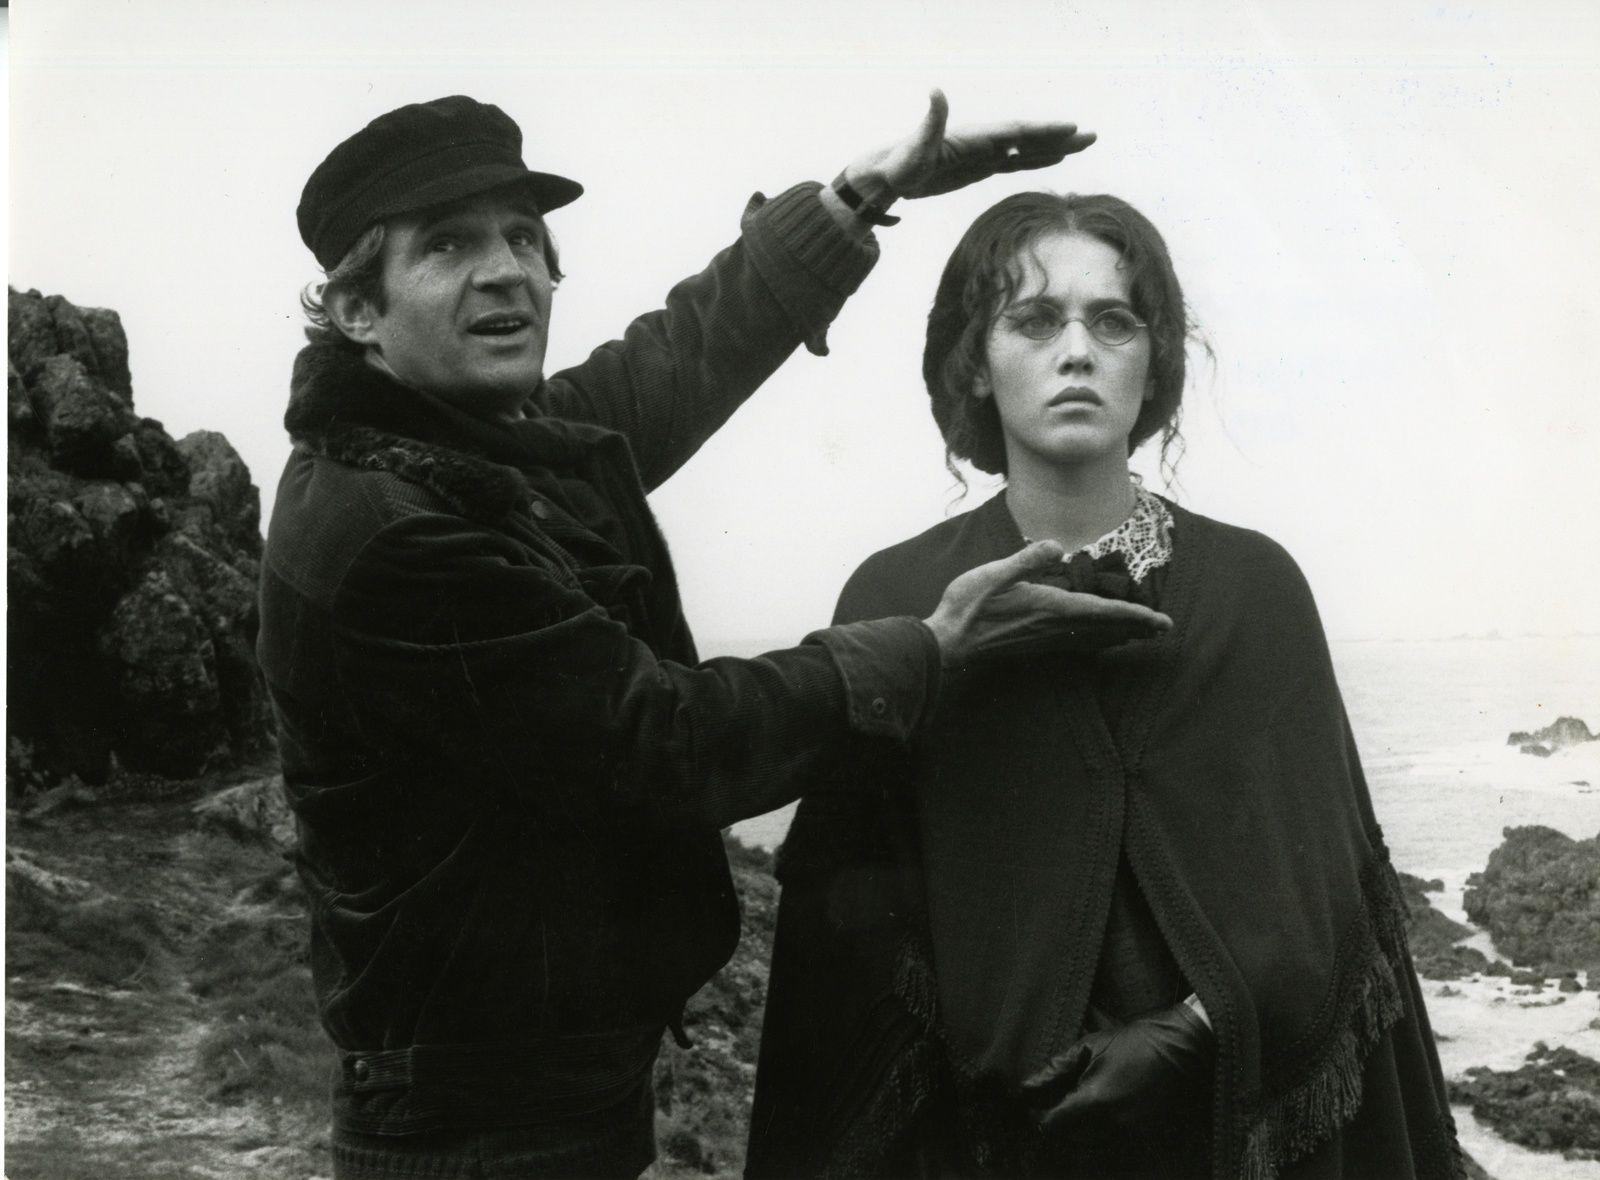 François Truffaut et Isabelle Adjani sur le tournage de L'Histoire d'Adèle H. de François Truffaut 1975. Photographie Bernard Prim © Monique Prim